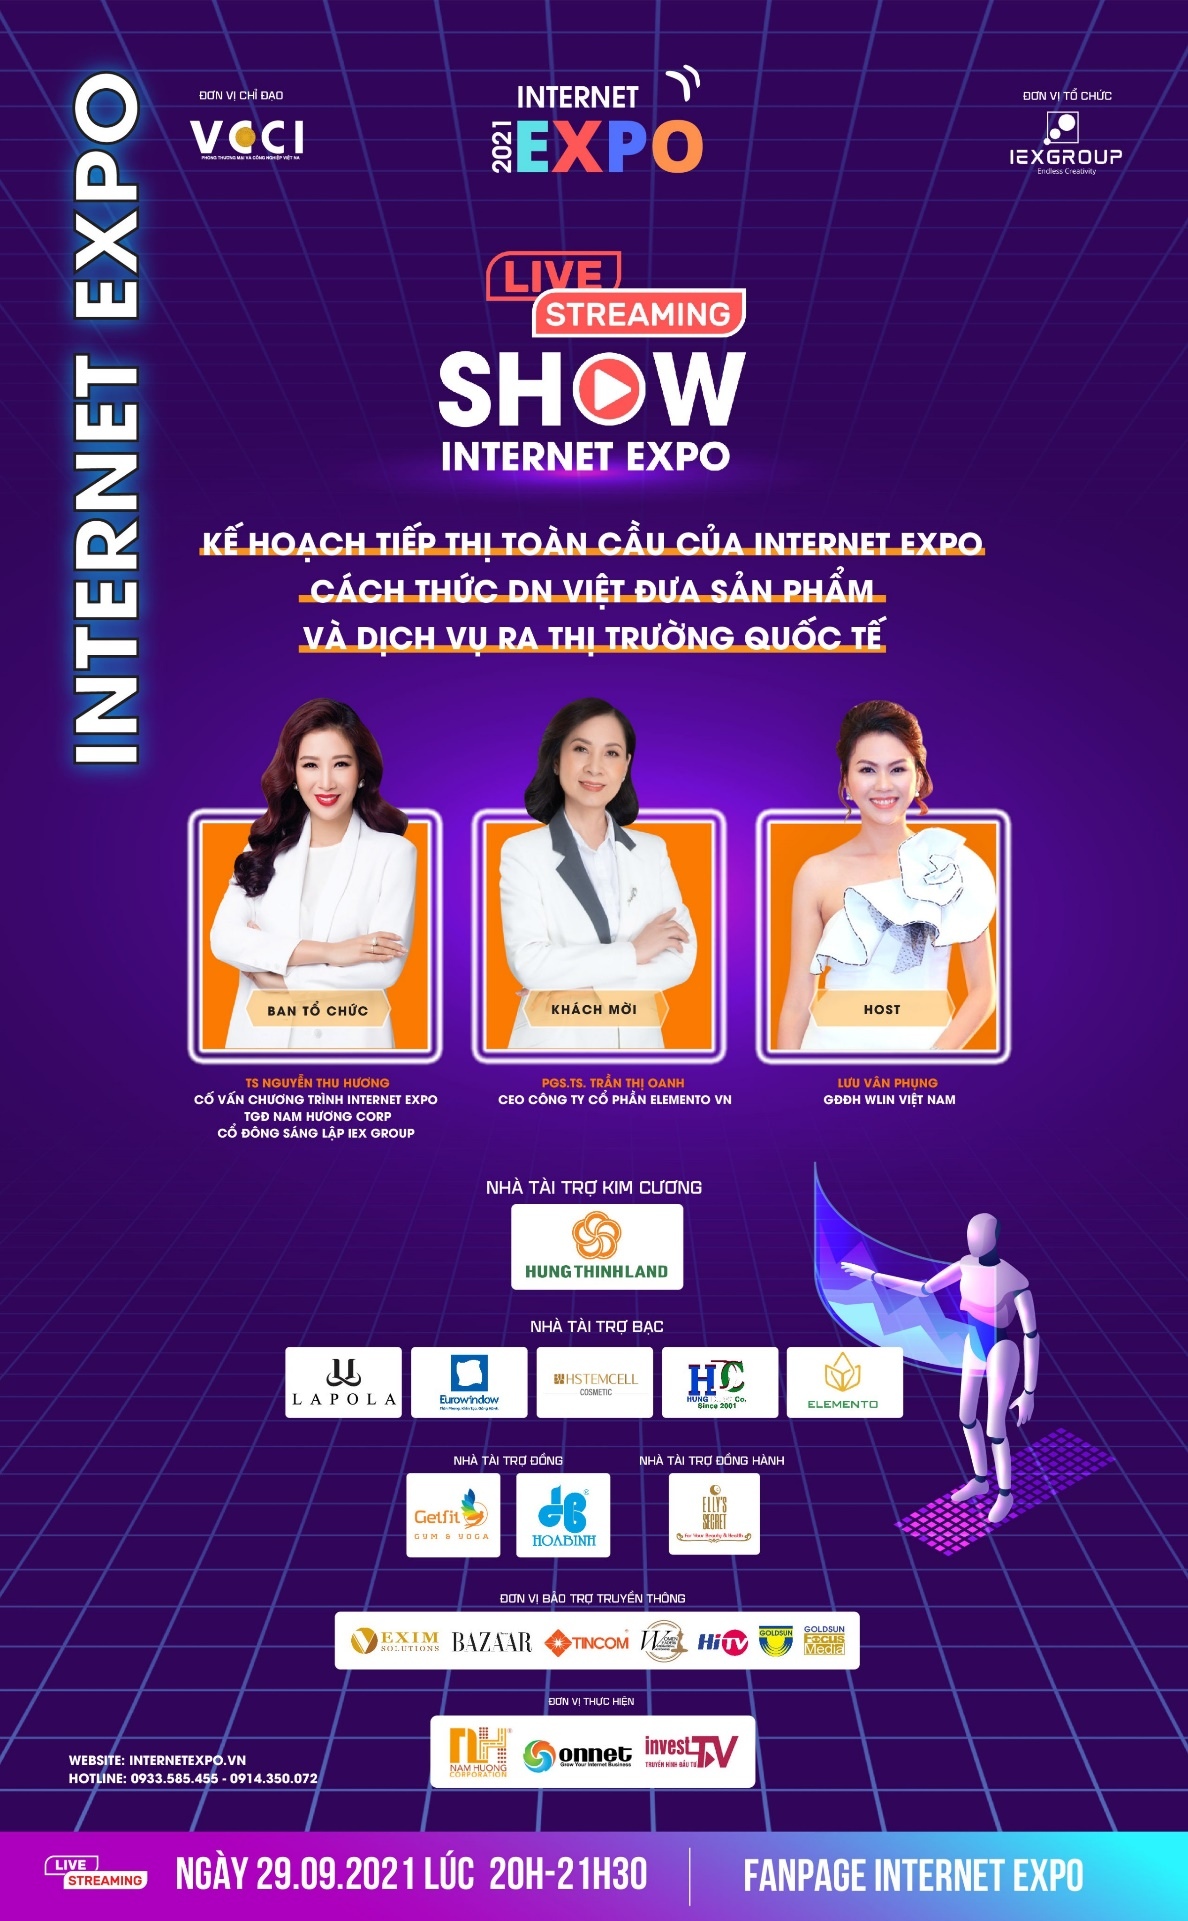 Đồng hành cùng Internet Expo 2021 – Chương trình livestream, cách thức doanh nghiệp Việt đưa sản phẩm và dịch vụ ra thị trường quốc tế.